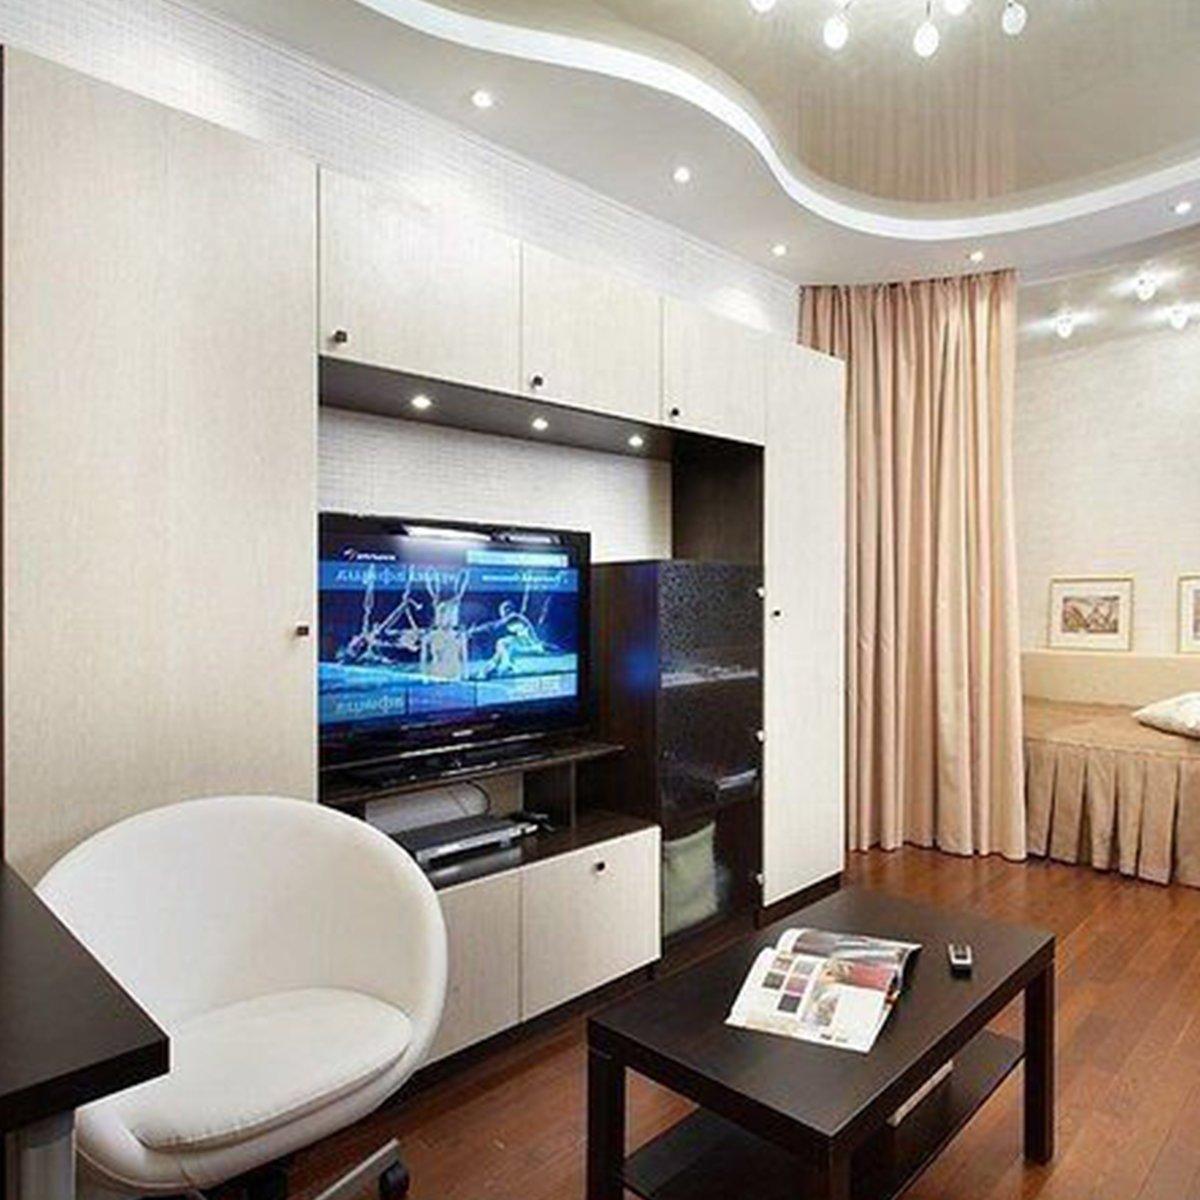 Интерьер комнаты однокомнатной квартиры фото